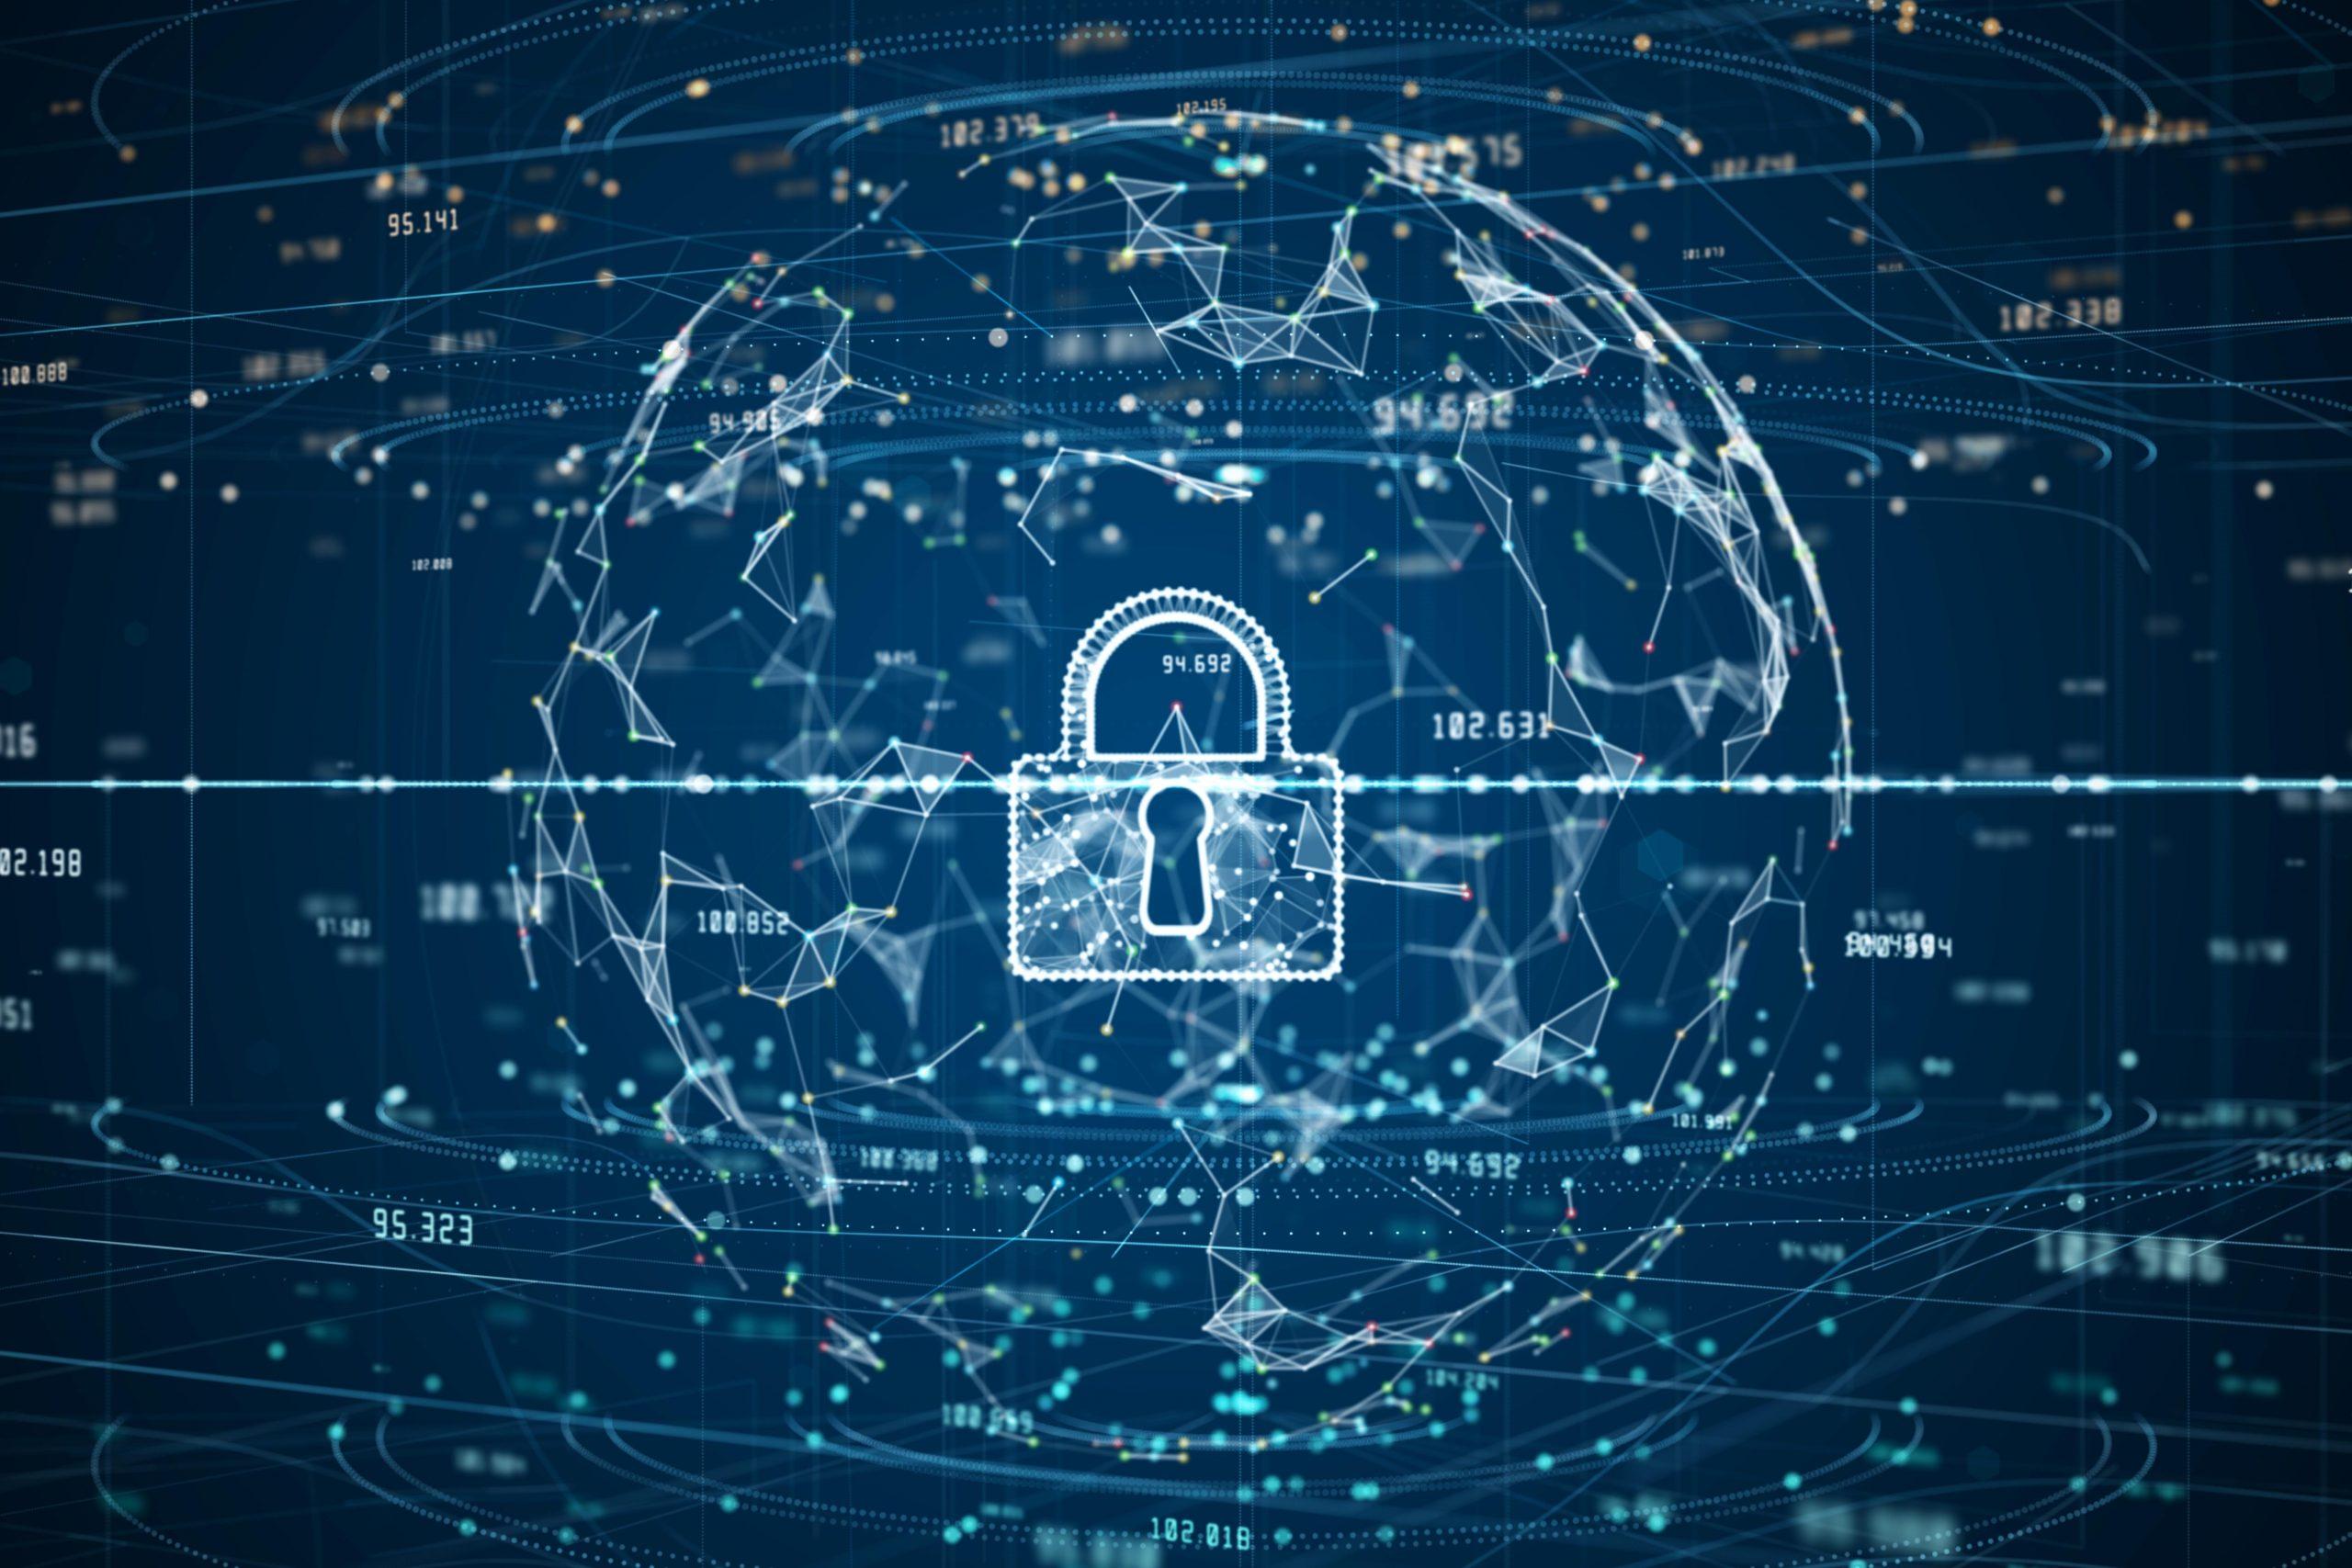 Segurança da Informação | O que é e como funciona